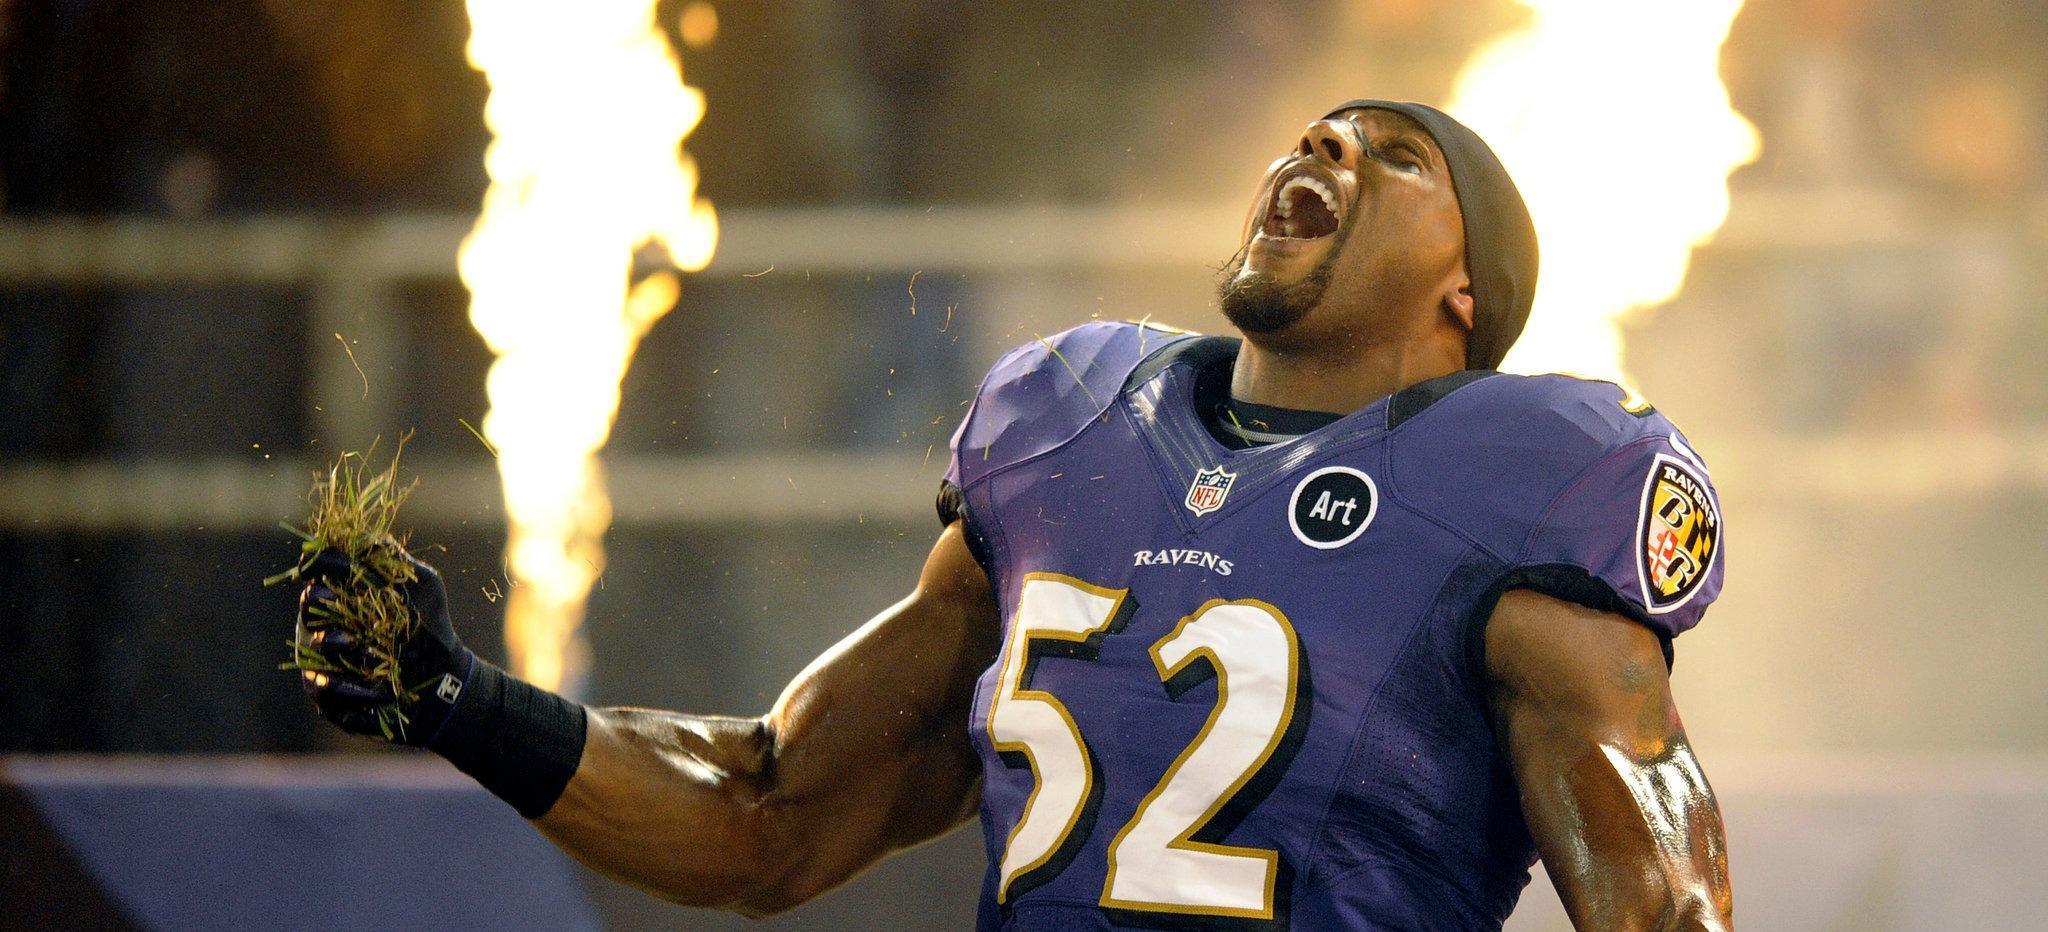 NFL Ray Lewis Baltimore Ravens